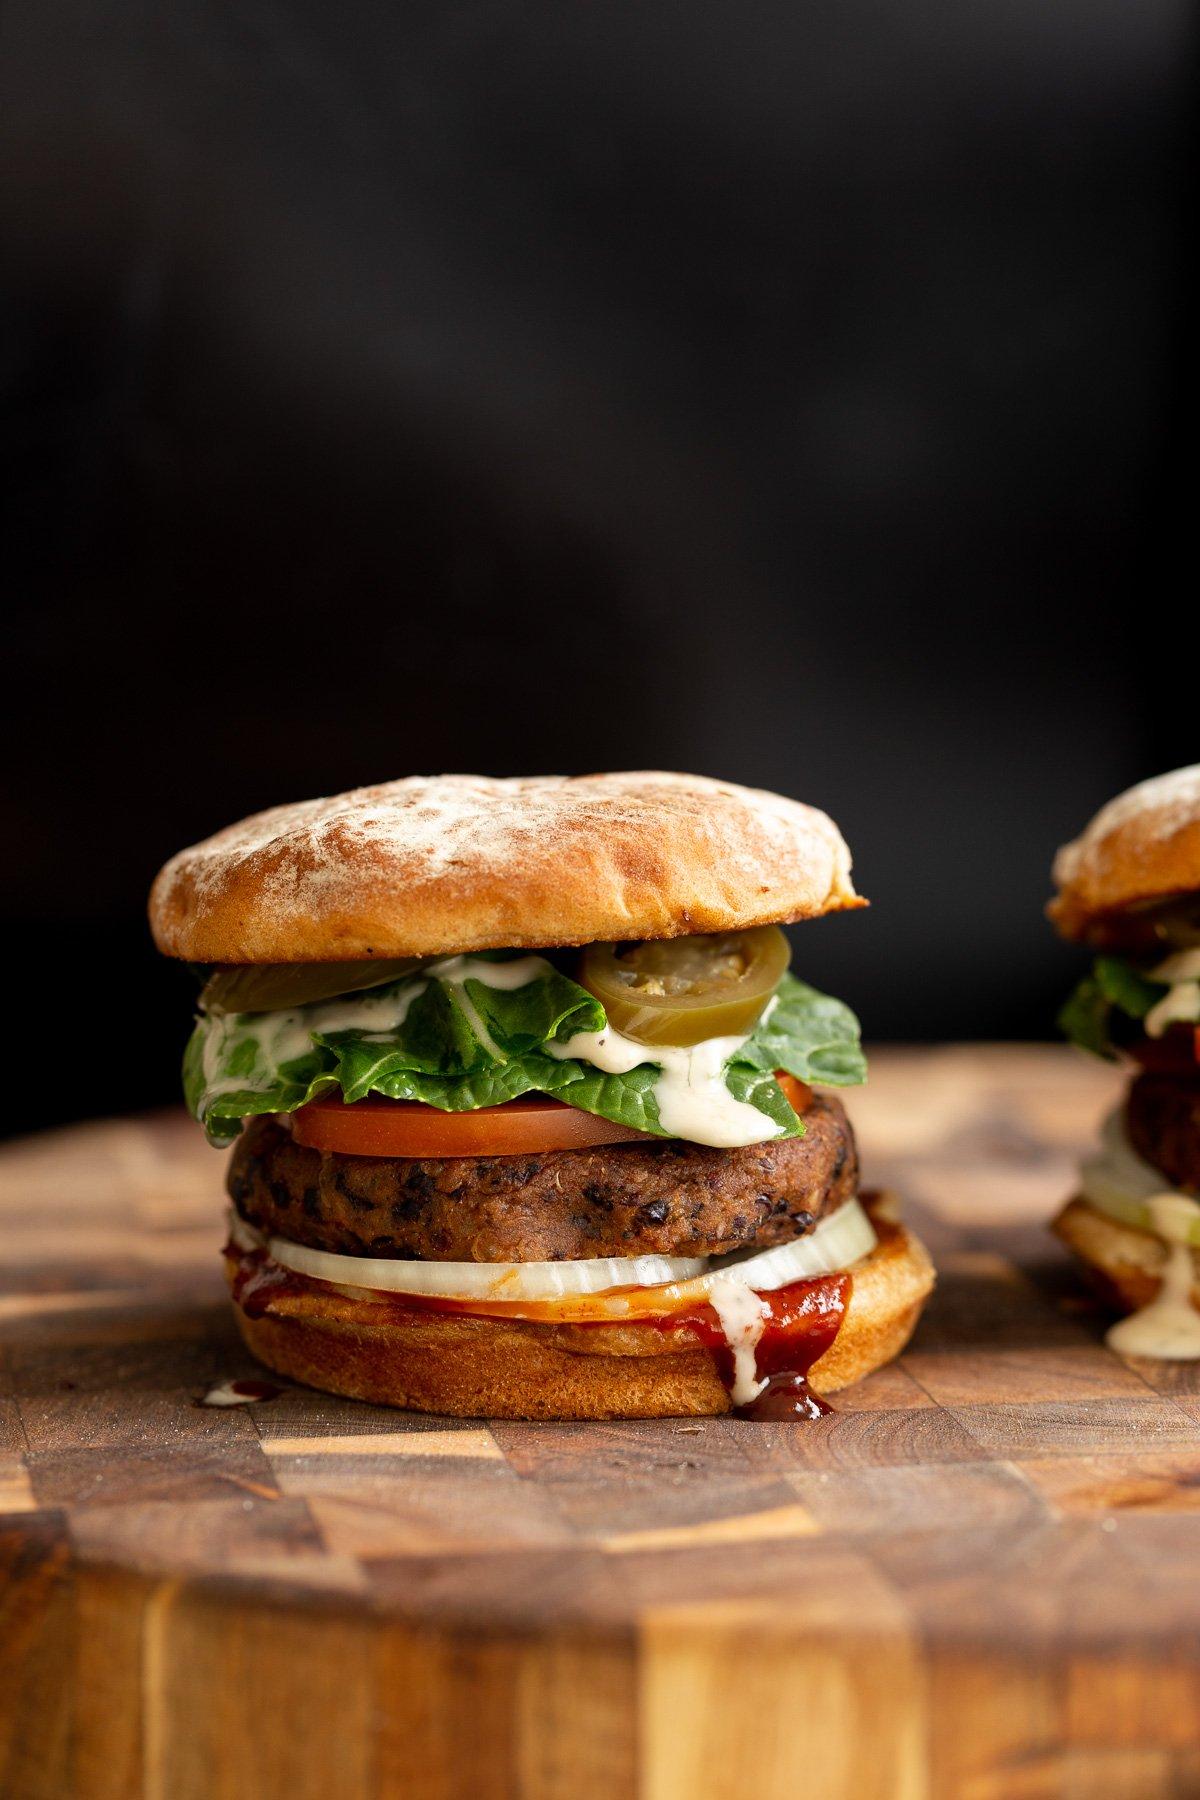 vista lateral de um hambúrguer vegano de quinoa de feijão preto coberto com jalapenos em conserva e molho do rancho